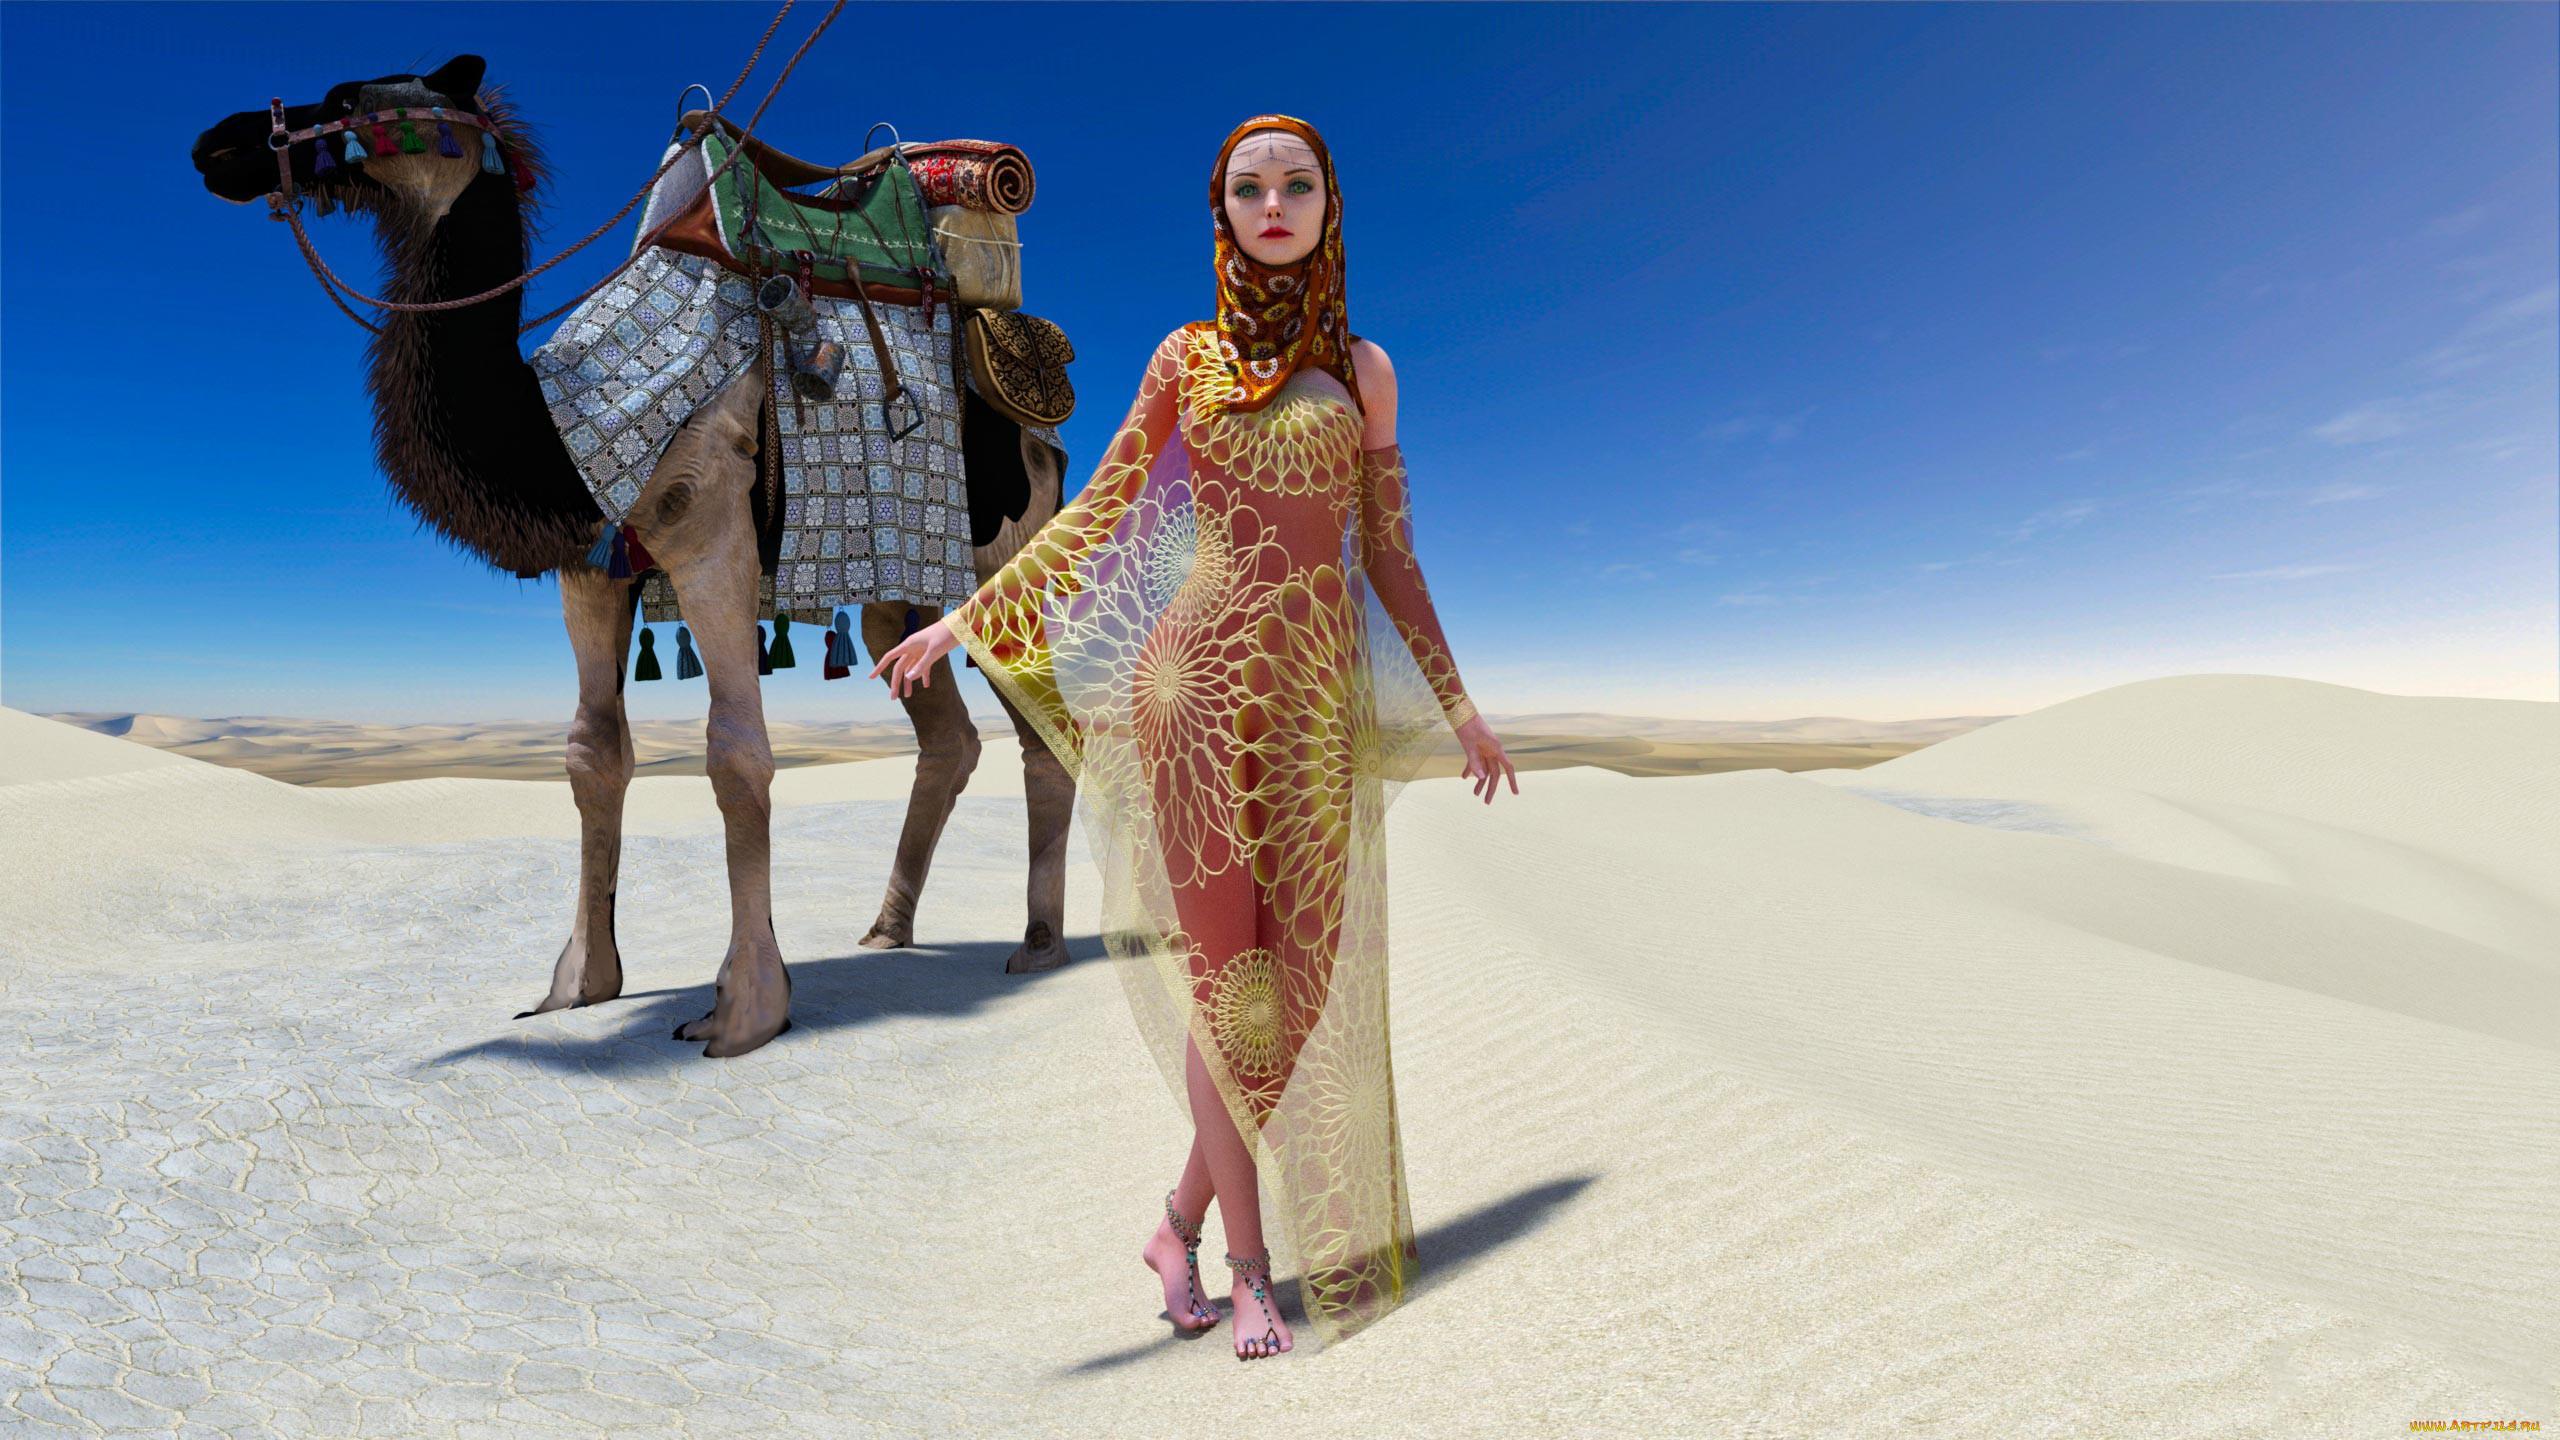 постер пустыня и верблюды и люди семьей всегда